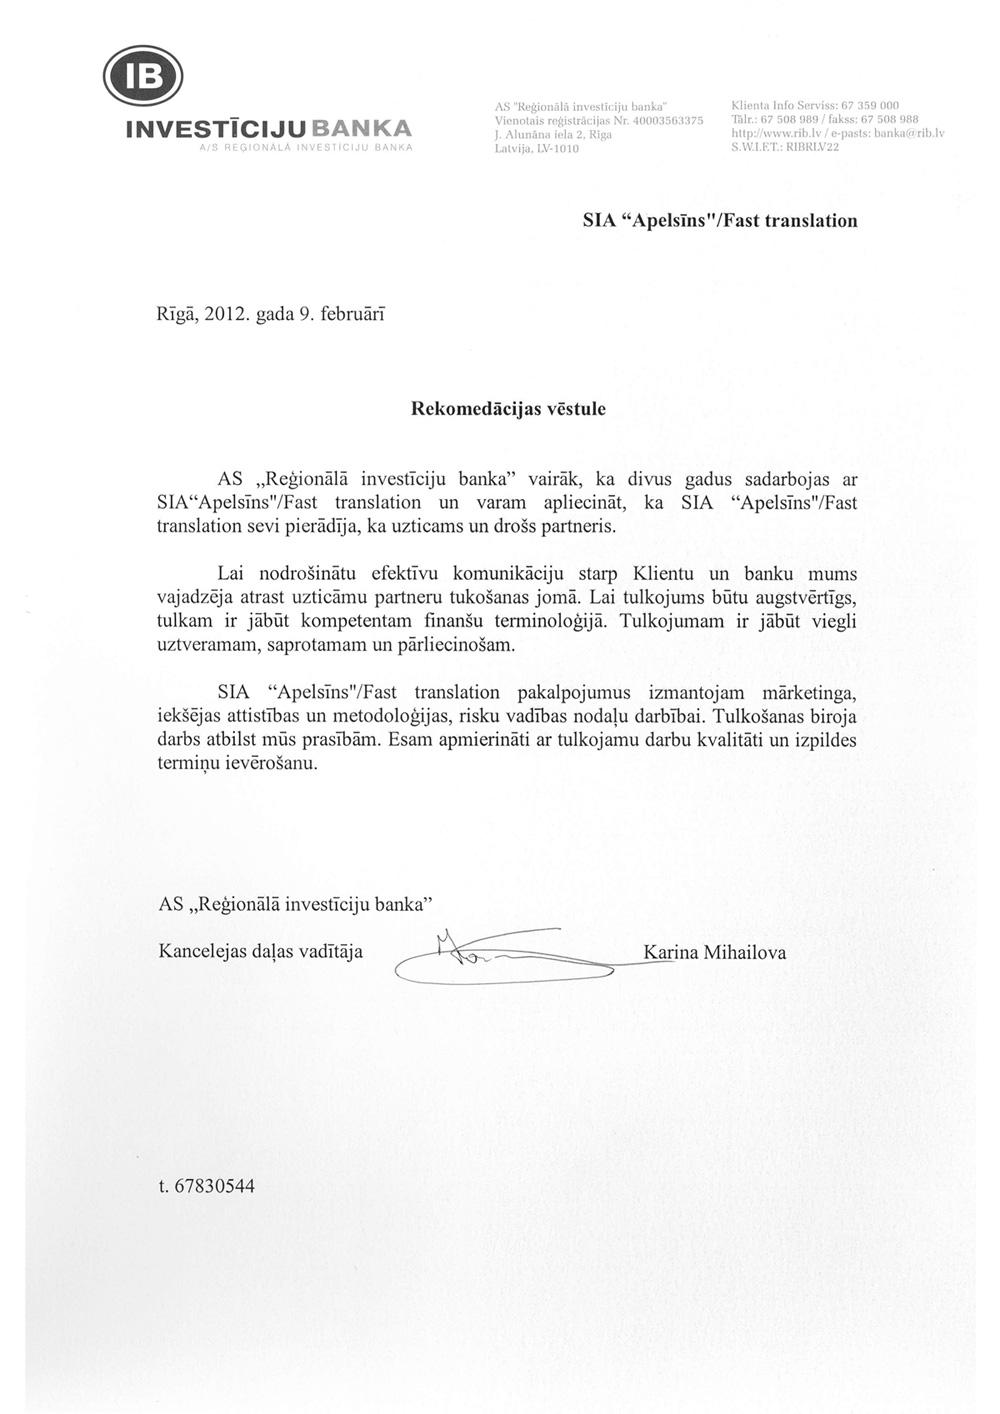 Tulkošanas birojs Rīgā